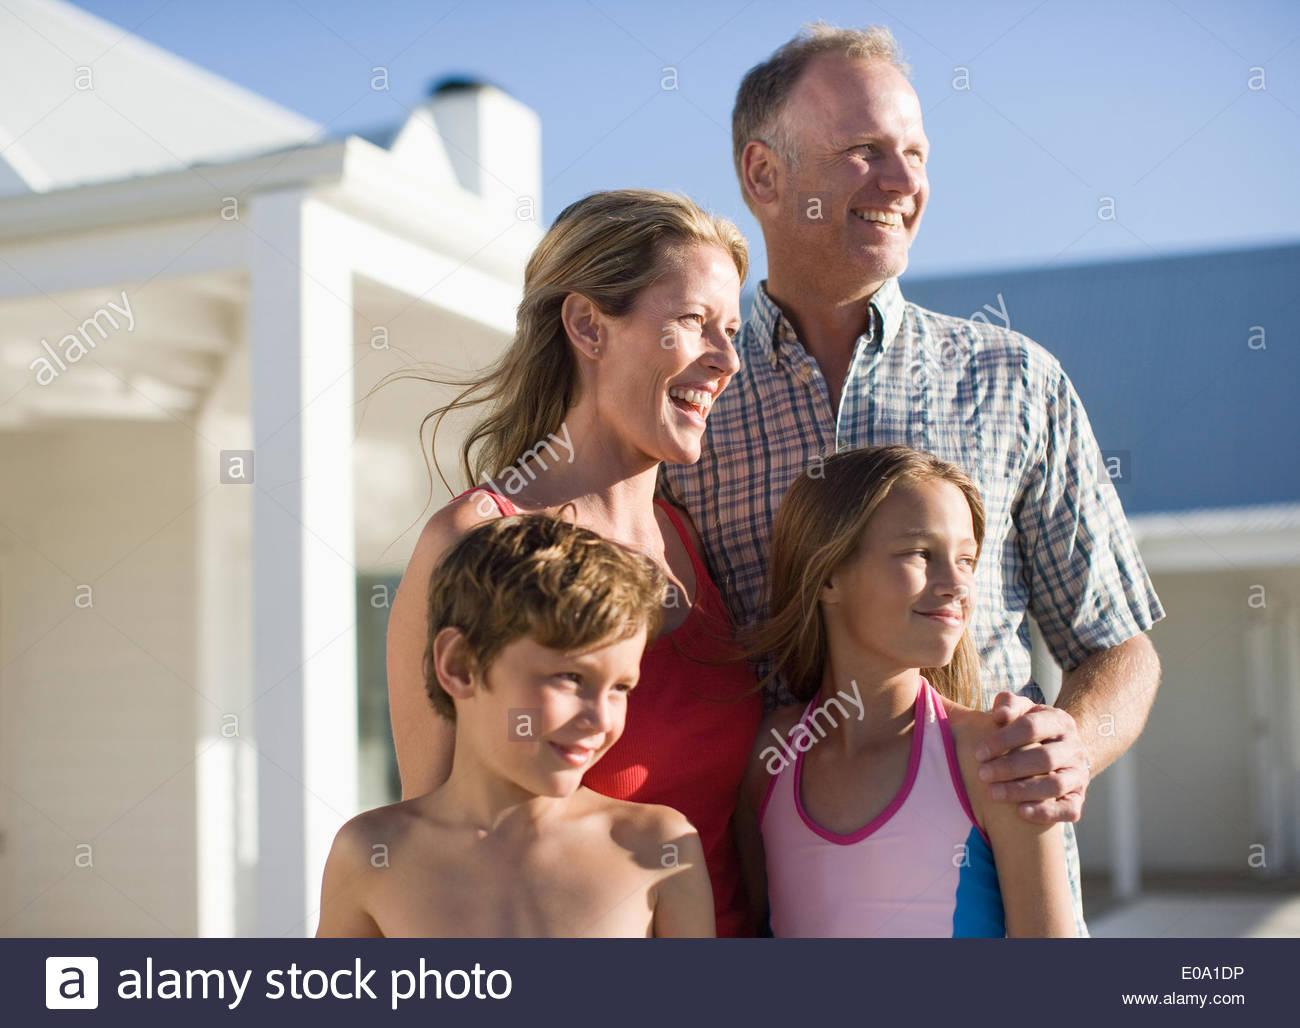 Familia afuera en trajes de baño Imagen De Stock